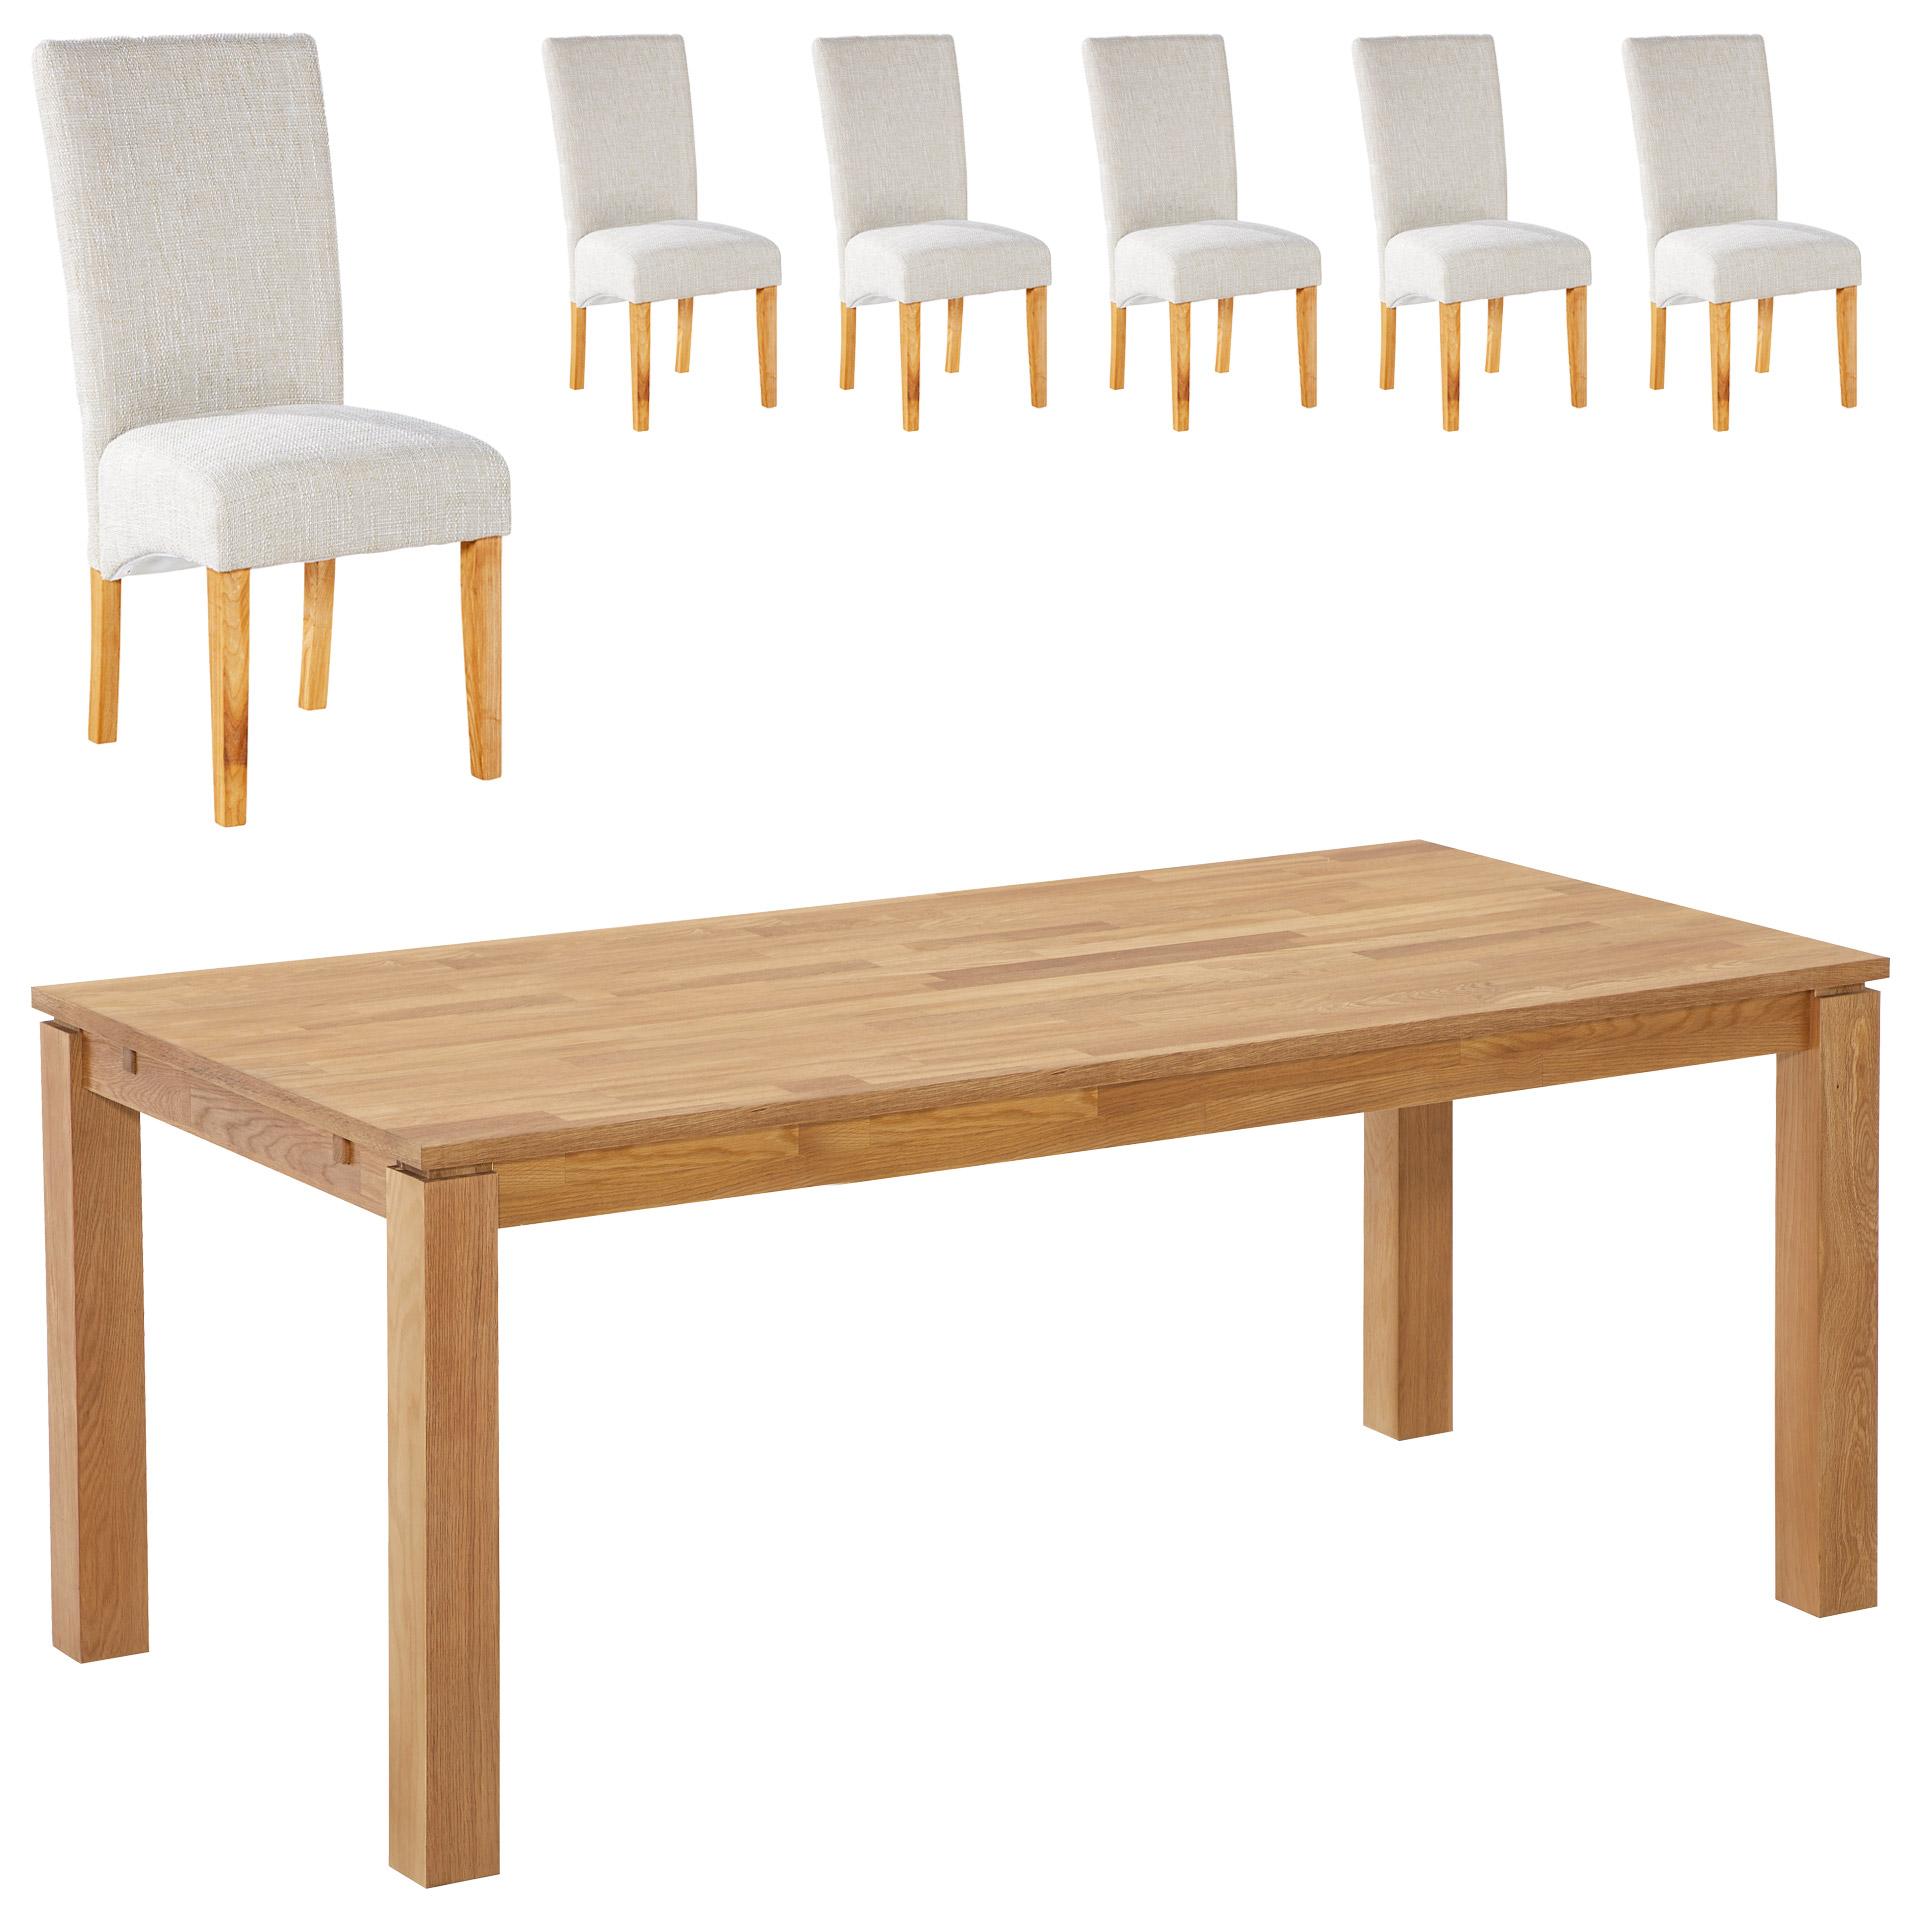 Essgruppe Royal Borg/Tom (90x180, 6 Stühle, beige)